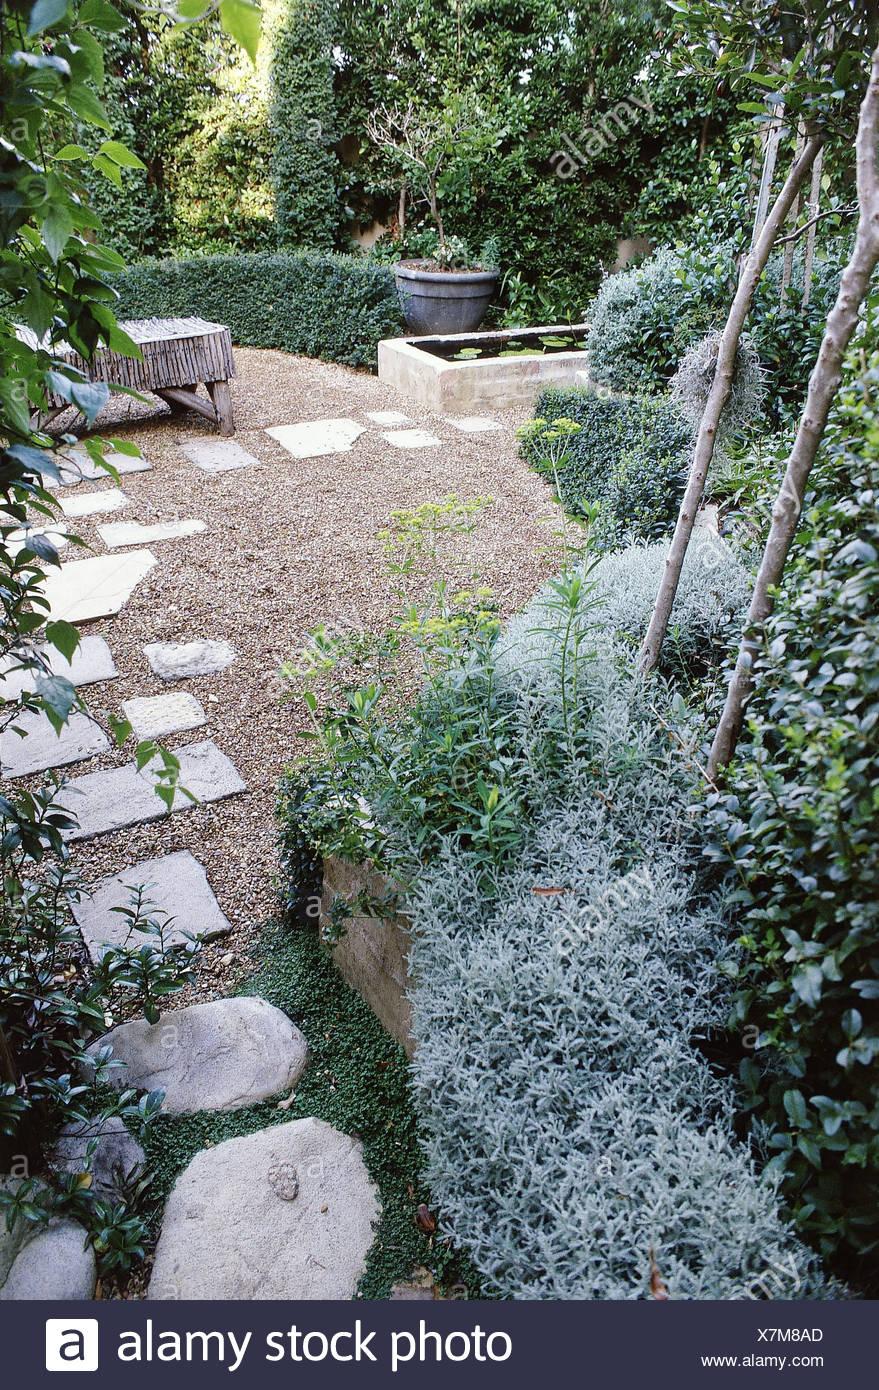 Jardines peque os con forma de jard n de arbustos rboles for Arbolitos para jardines pequenos